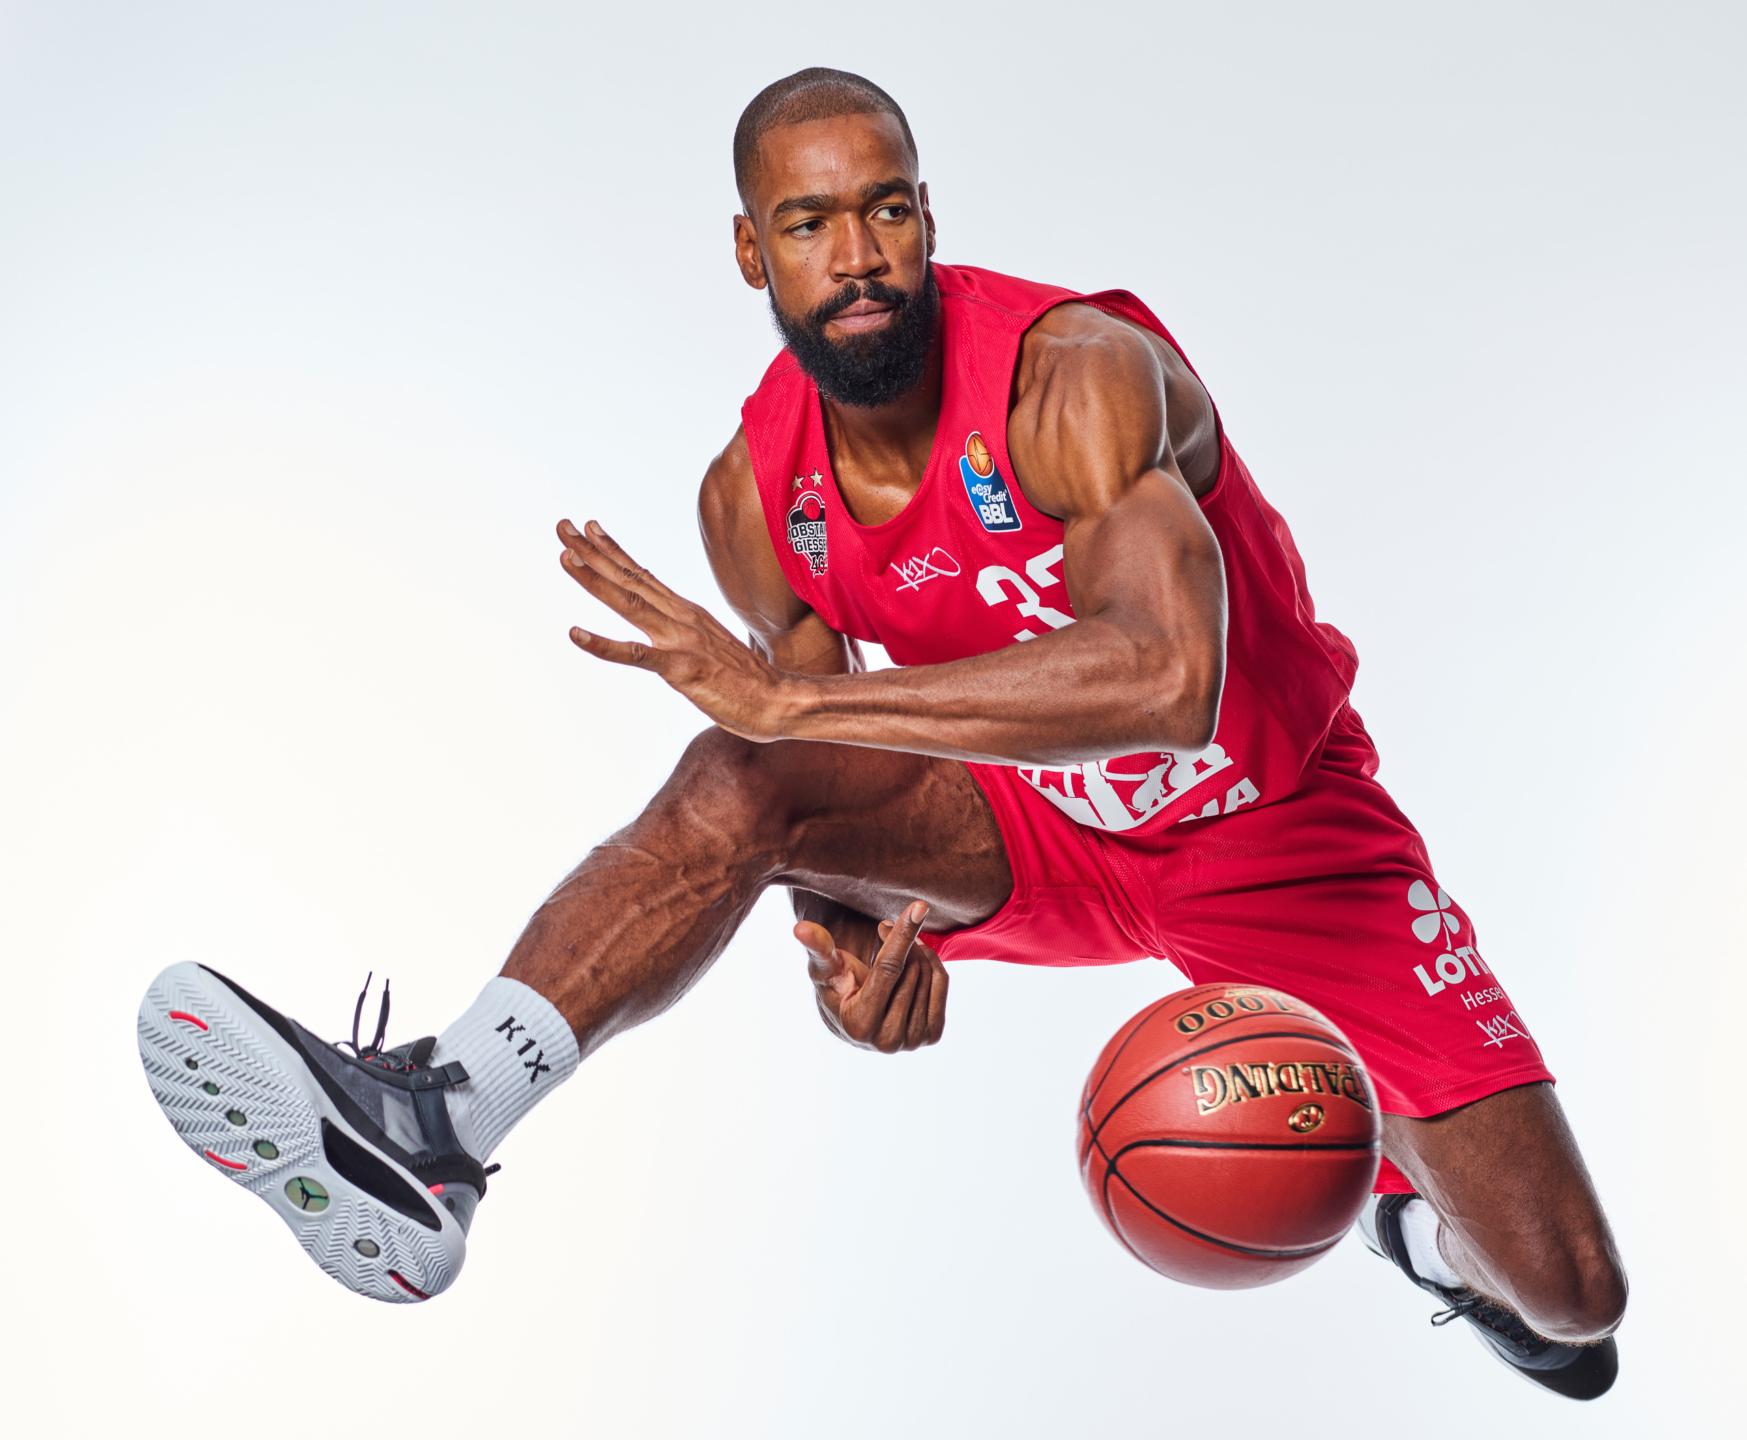 Fotograf Gießen 46ers Basketball Sport